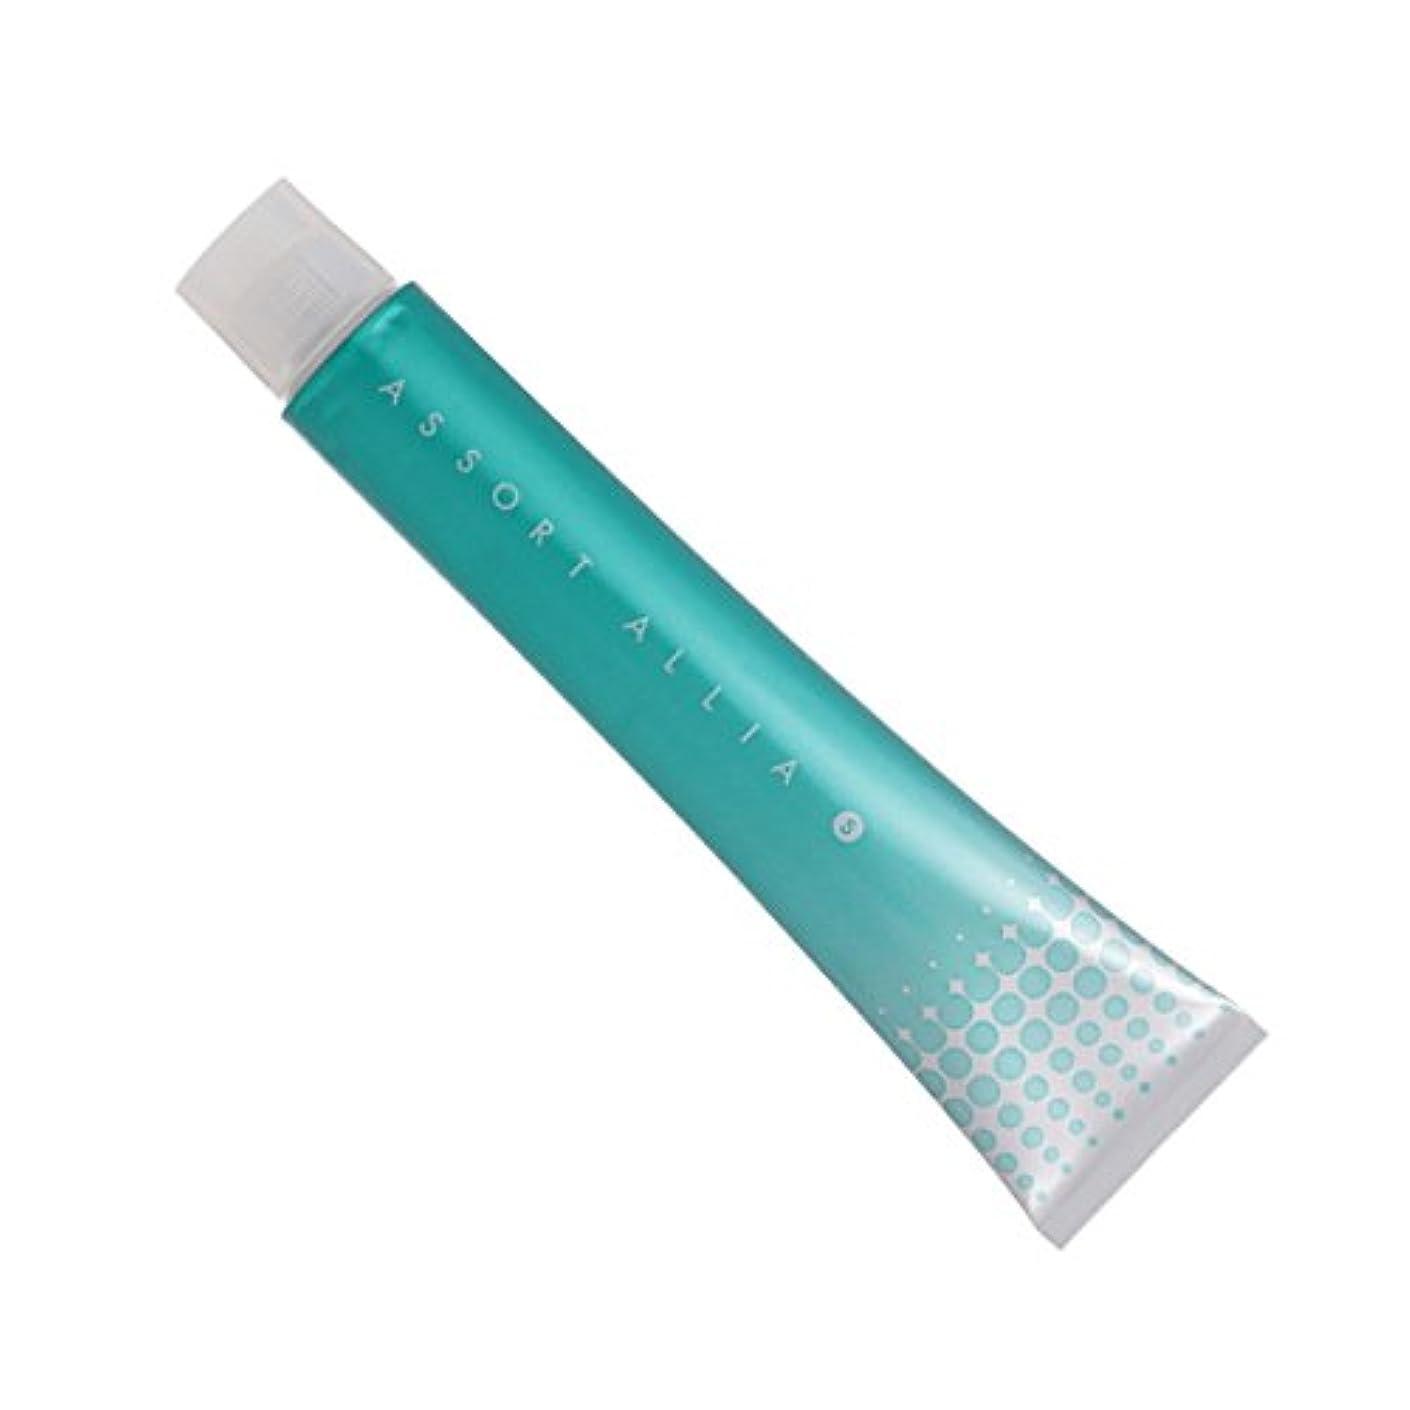 ネクタイ提供計器デミ アソートアリアS サンドベージュ 80g(カラー1剤) 10/9SaB